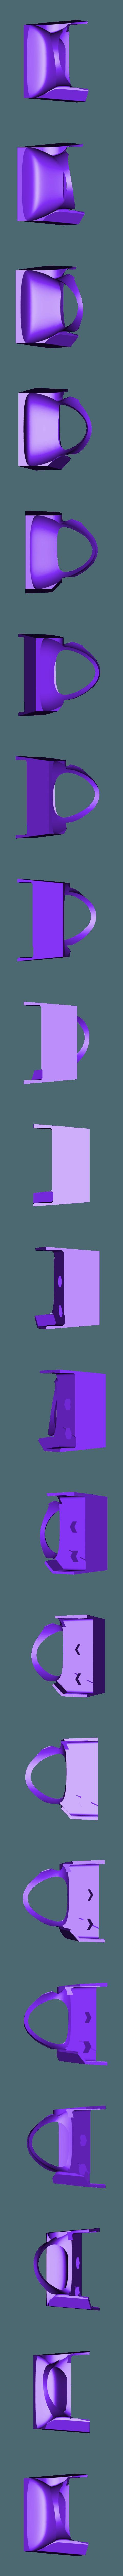 stock_handle_connector.stl Télécharger fichier STL gratuit EPIC 6 stage coilgun • Objet pour impression 3D, Gyro